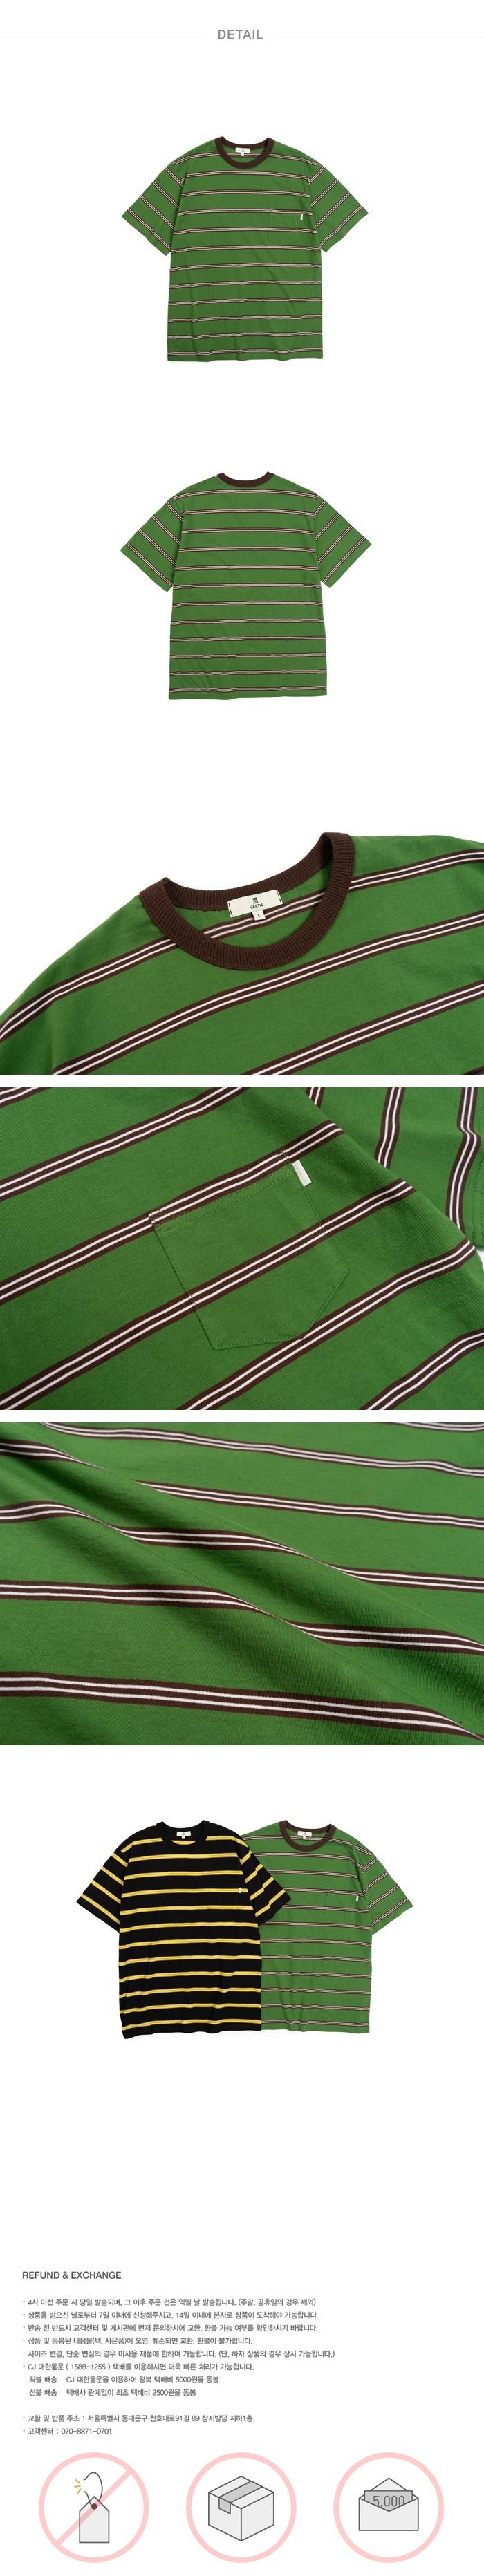 바스틱(VASTIC) 트리플 스트라이프 티셔츠_그린 / 브라운